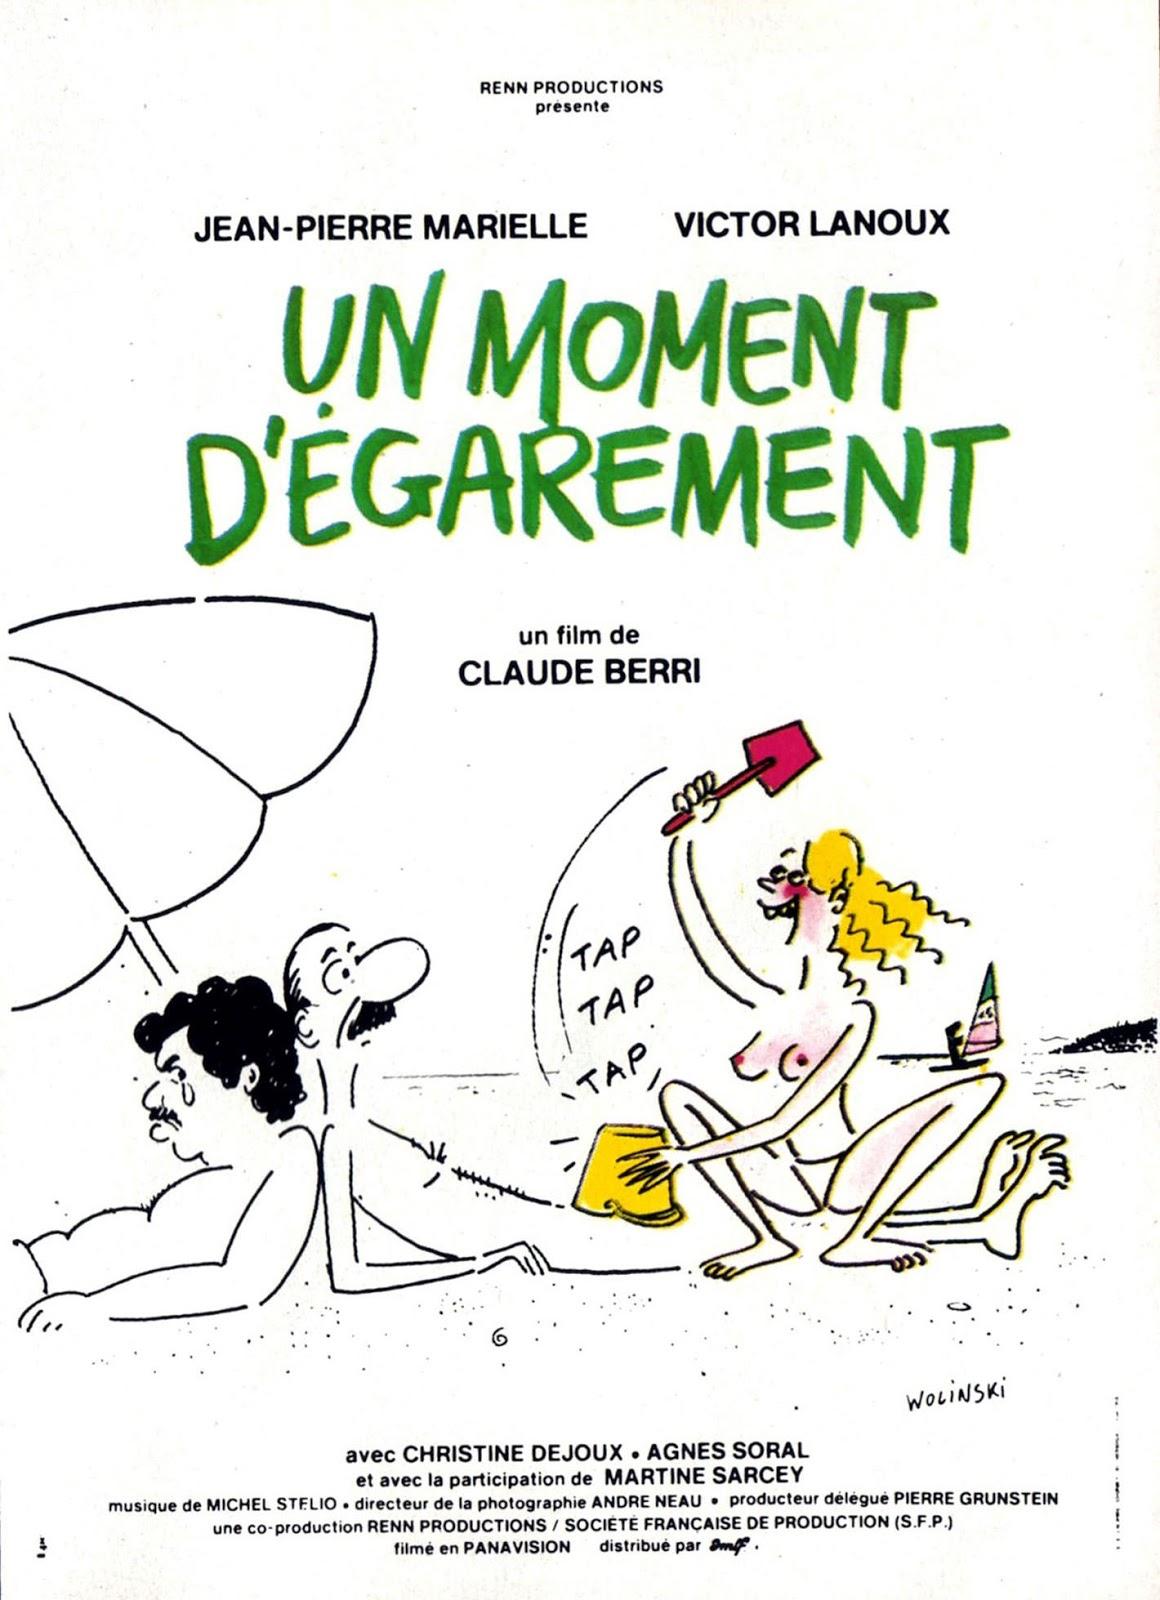 MOMENT 1977 UN TÉLÉCHARGER DÉGAREMENT